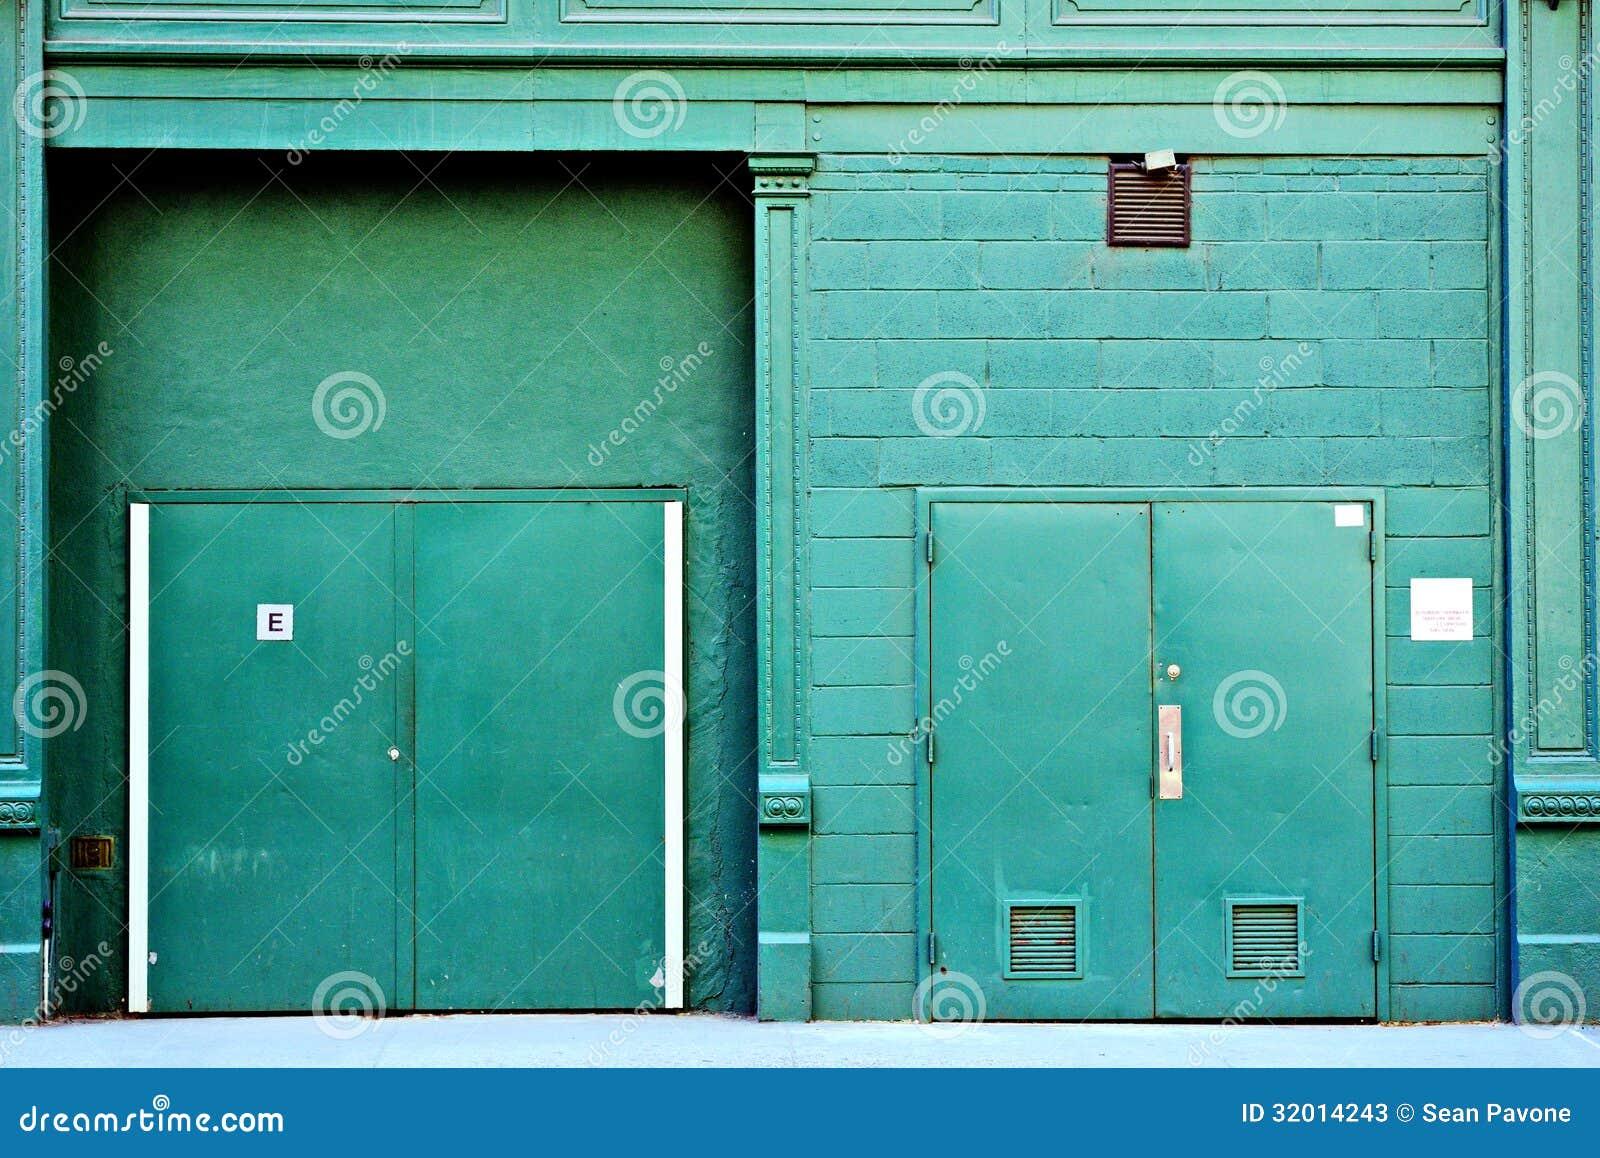 Back alley door stock photos image 32014243 for New back door